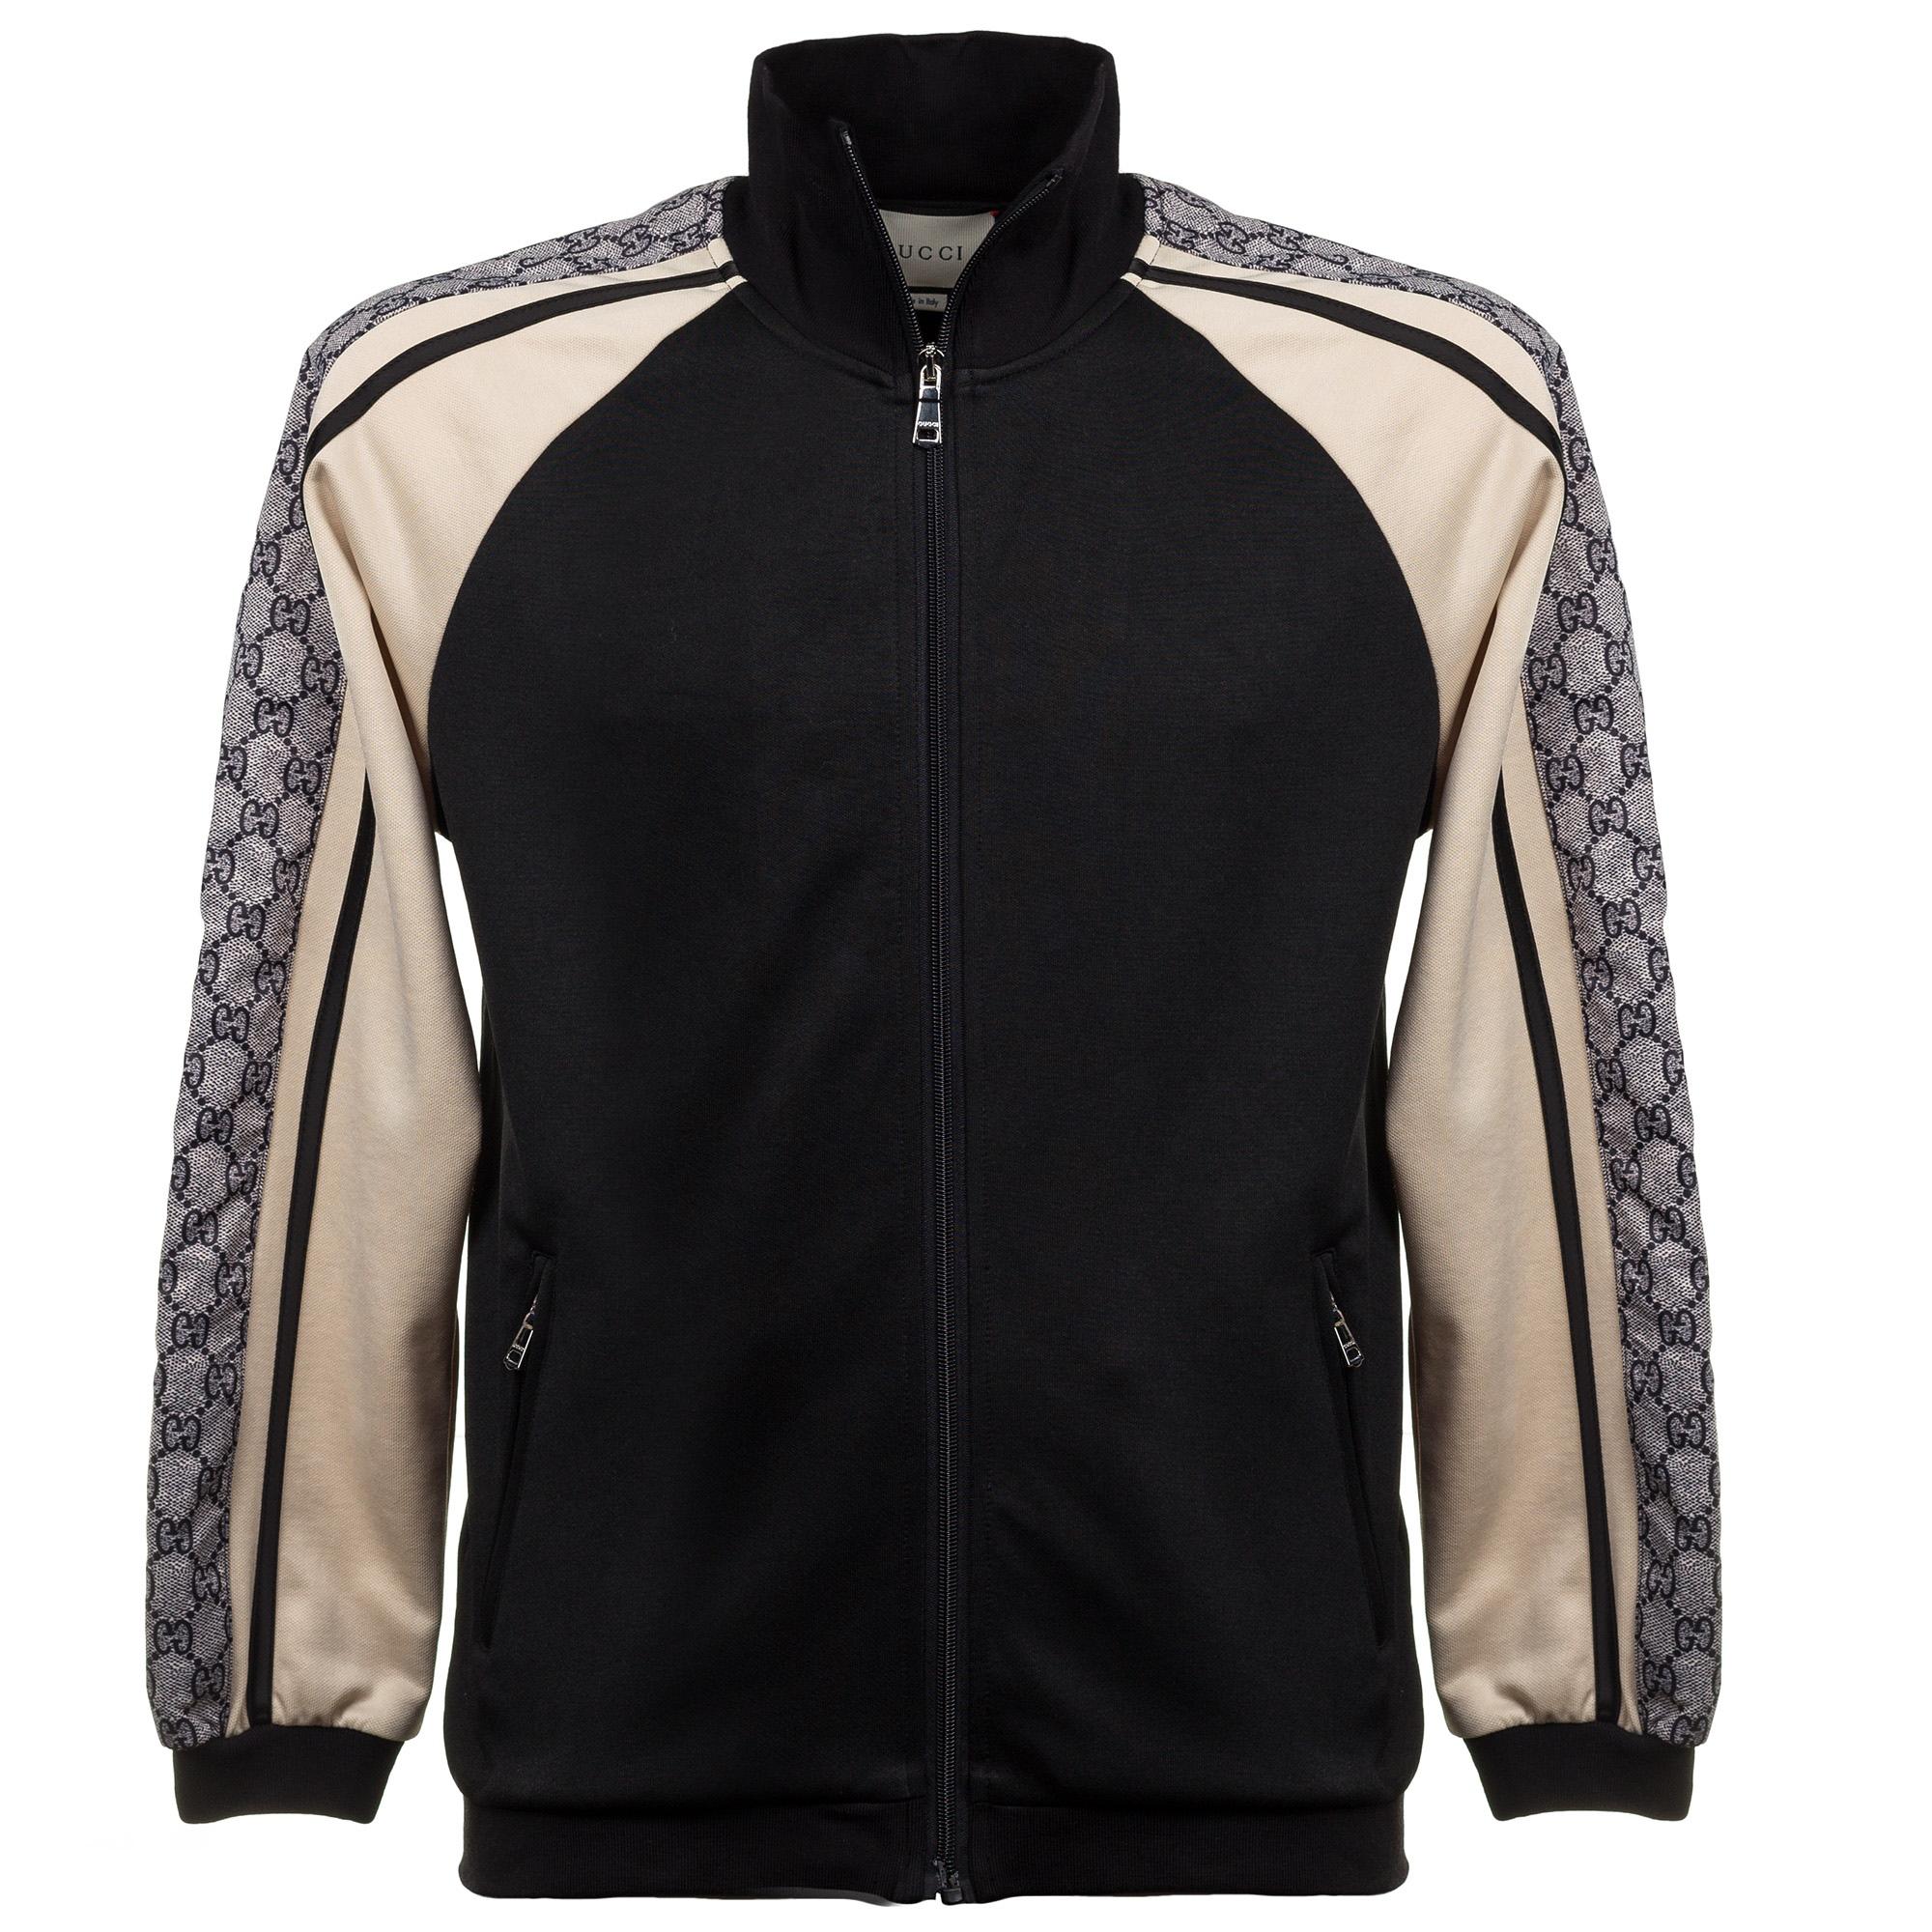 7eb1daafb5e Купить мужской спортивный костюм Gucci с принтом — в Киеве